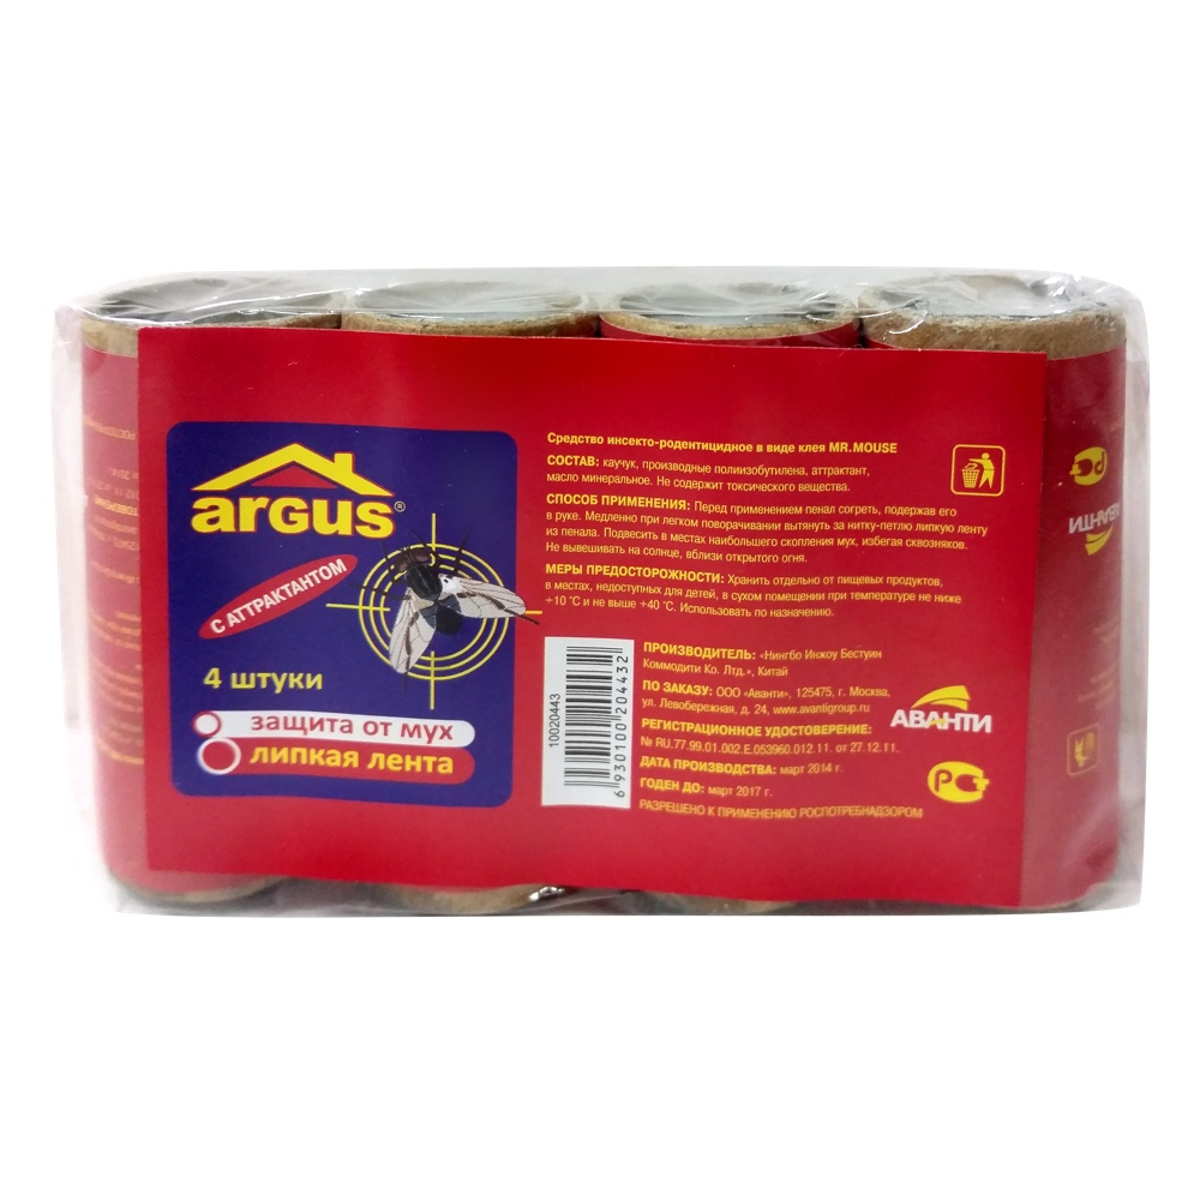 Липкая лента от мух Argus, в пленке, 4 штNap200 (40)Липкая лента Argus - это удобное и простое в использовании средство, которое надежно защитит вас и вашу семью от мух в закрытом помещении или значительно снизит их количество на открытом воздухе. Специальный аттрактант является привлекательной приманкой для мух, что делает липкие ленты Argus наиболее эффективными. Не содержит веществ, опасных для людей и домашних животных. Для помещения площадью 10 м2 требуется 2-3 липучки.Состав: каучук, производные полиизобутилена, аттрактант, масло минеральное.